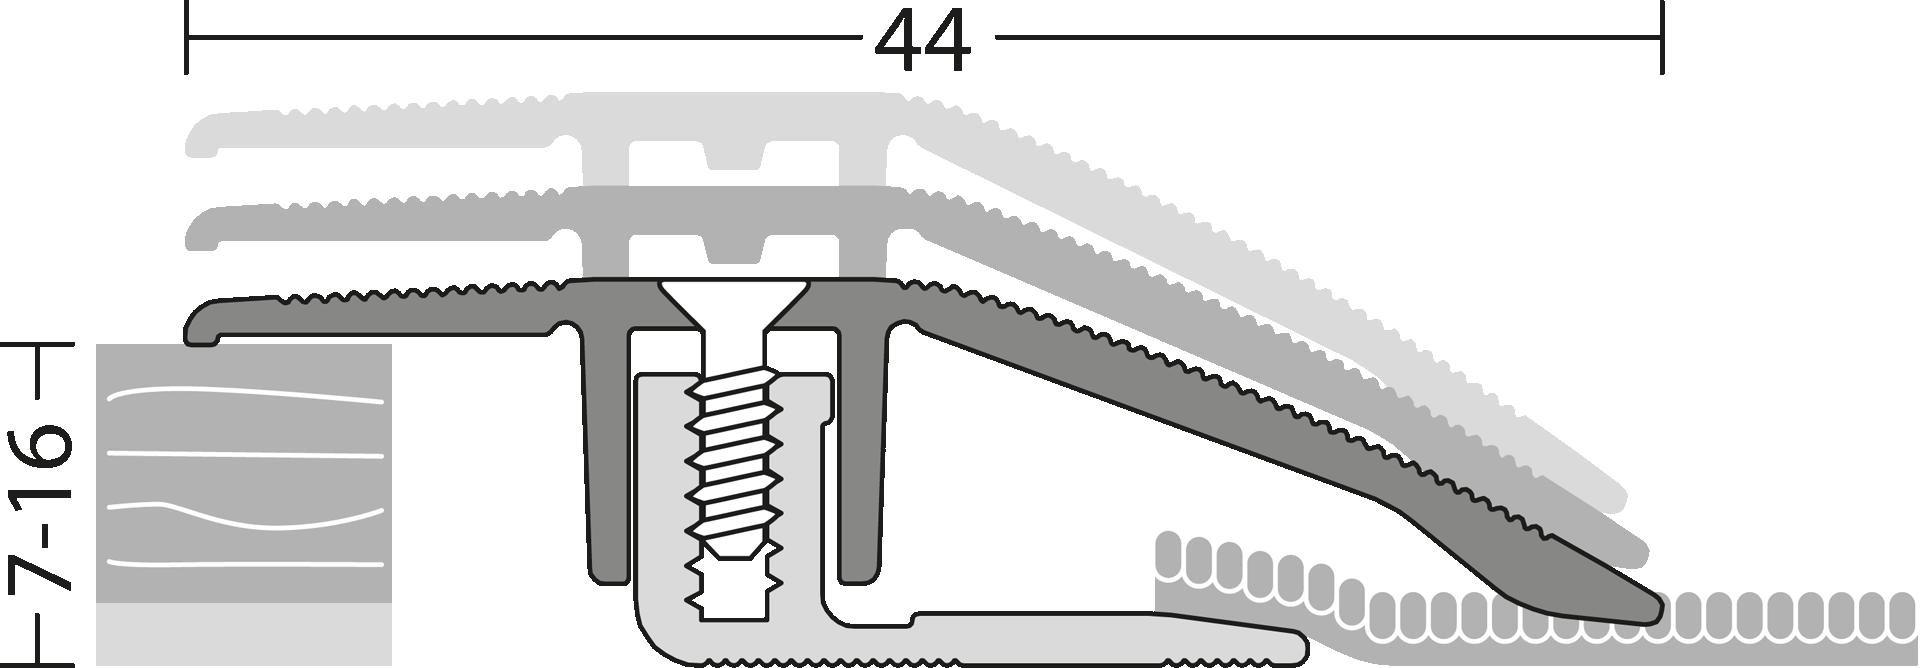 Anpassungsprofil Parkett & Laminatböden Detail